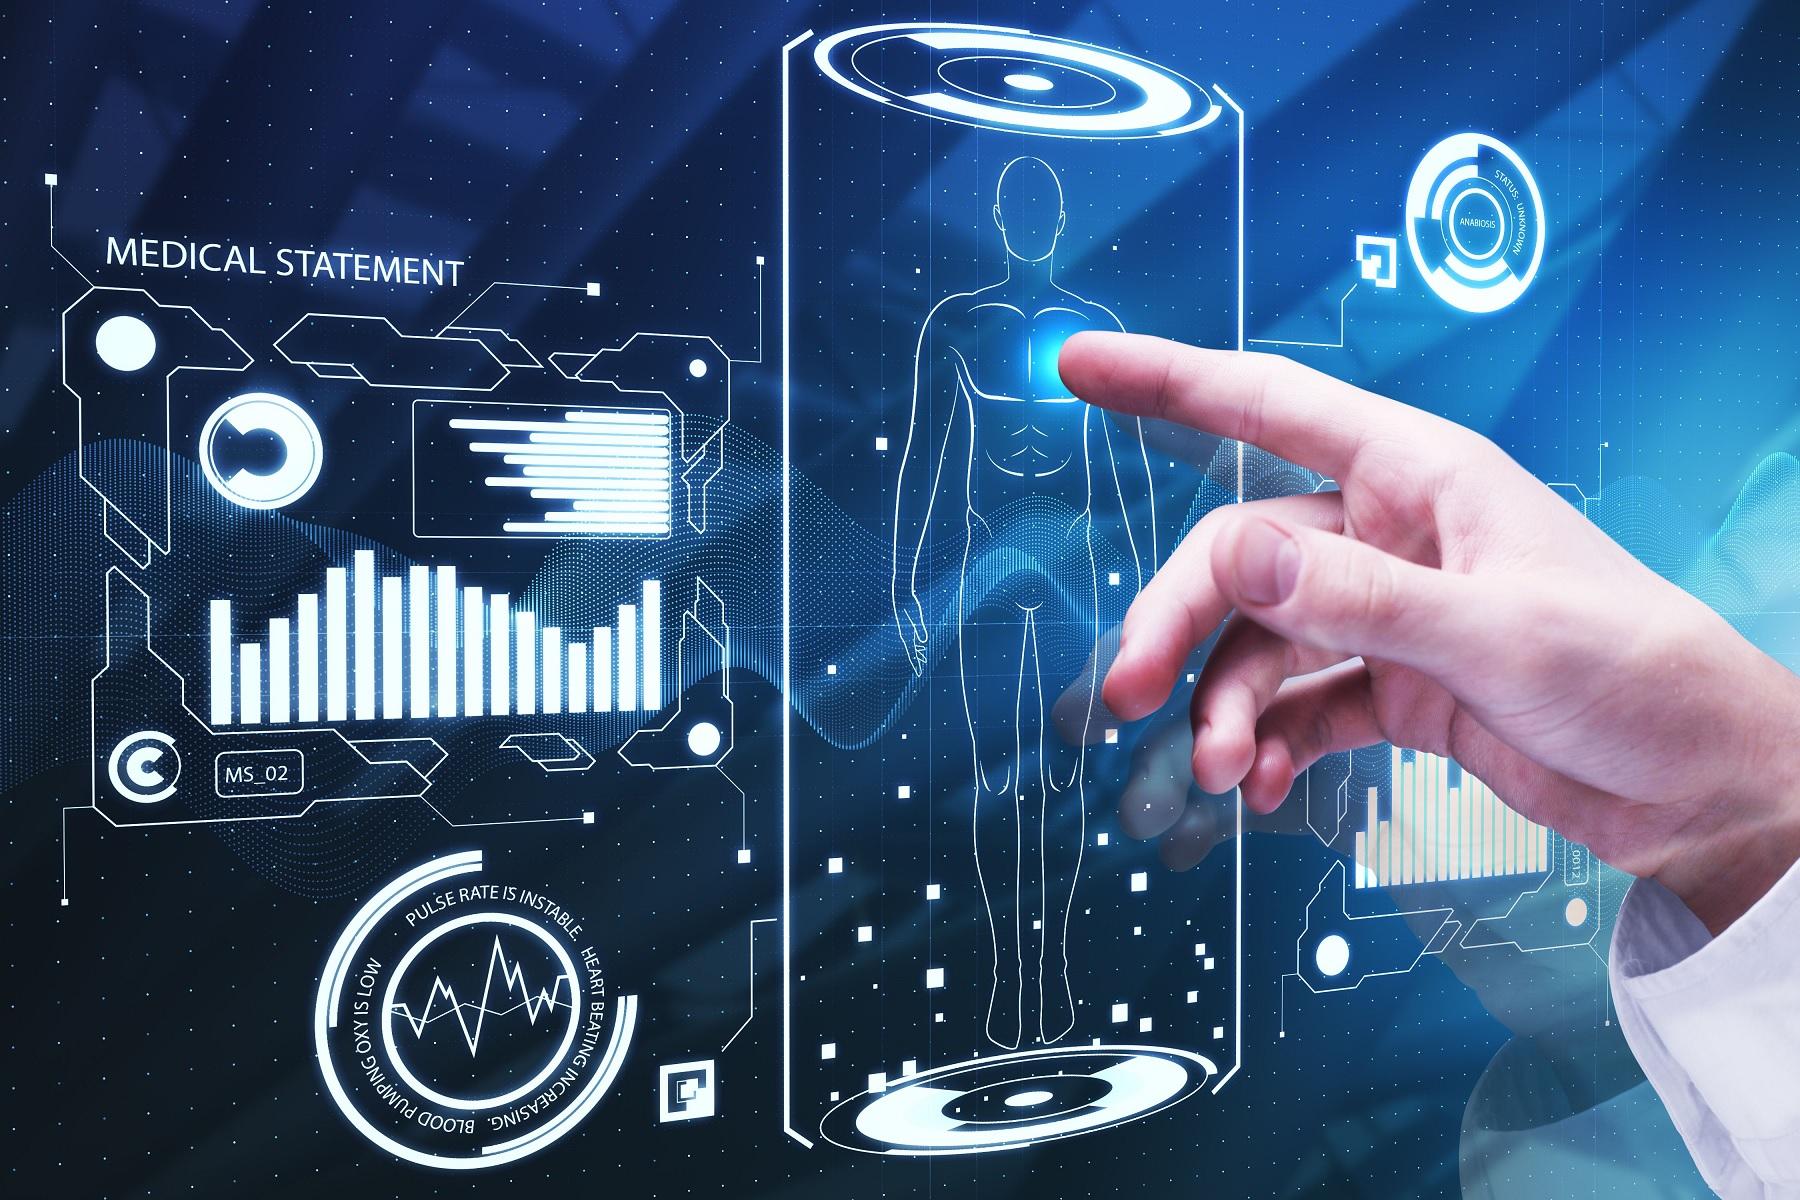 Ψηφιακός μετασχηματισμός καινοτομία: Πώς εξελίσσεται η υγειονομική περίθαλψη στην Ευρώπη